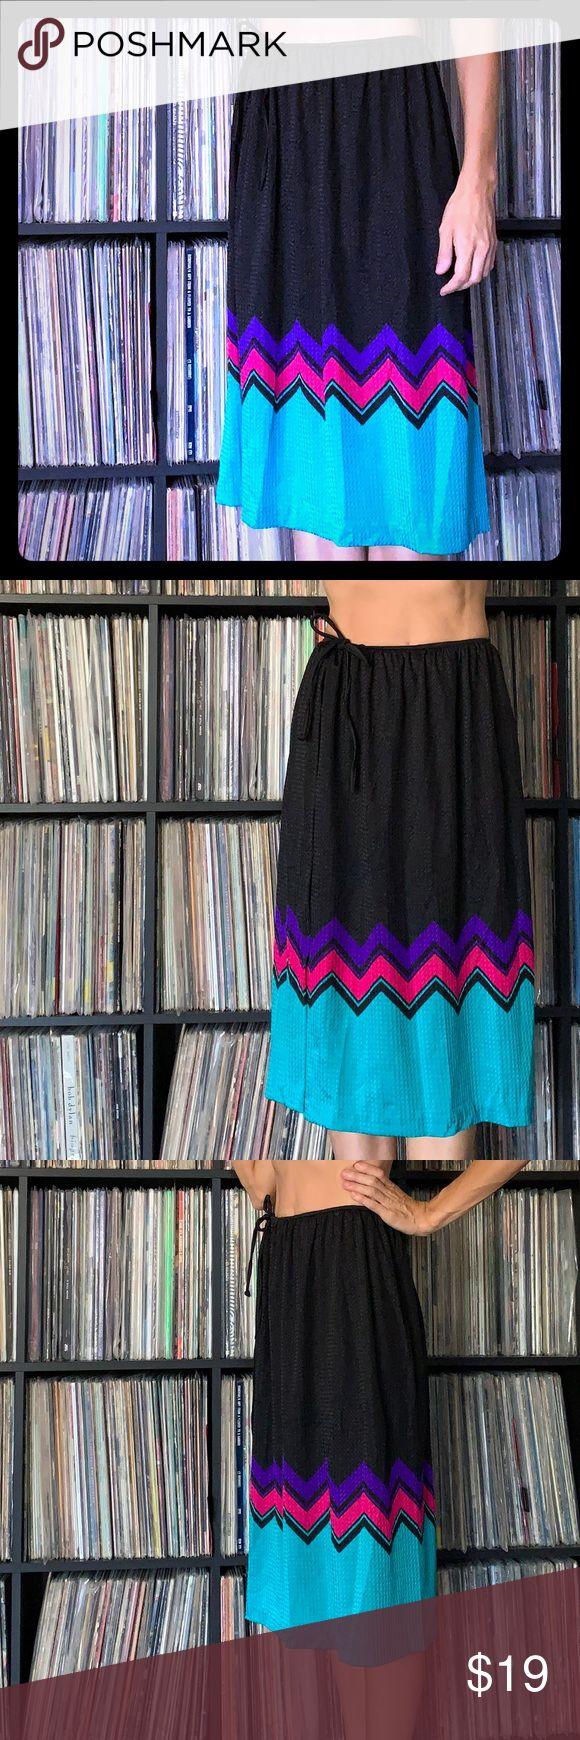 Catalina Vintage Swim Coverup Skirt Chevron Super bright and fun swim coverup sk…